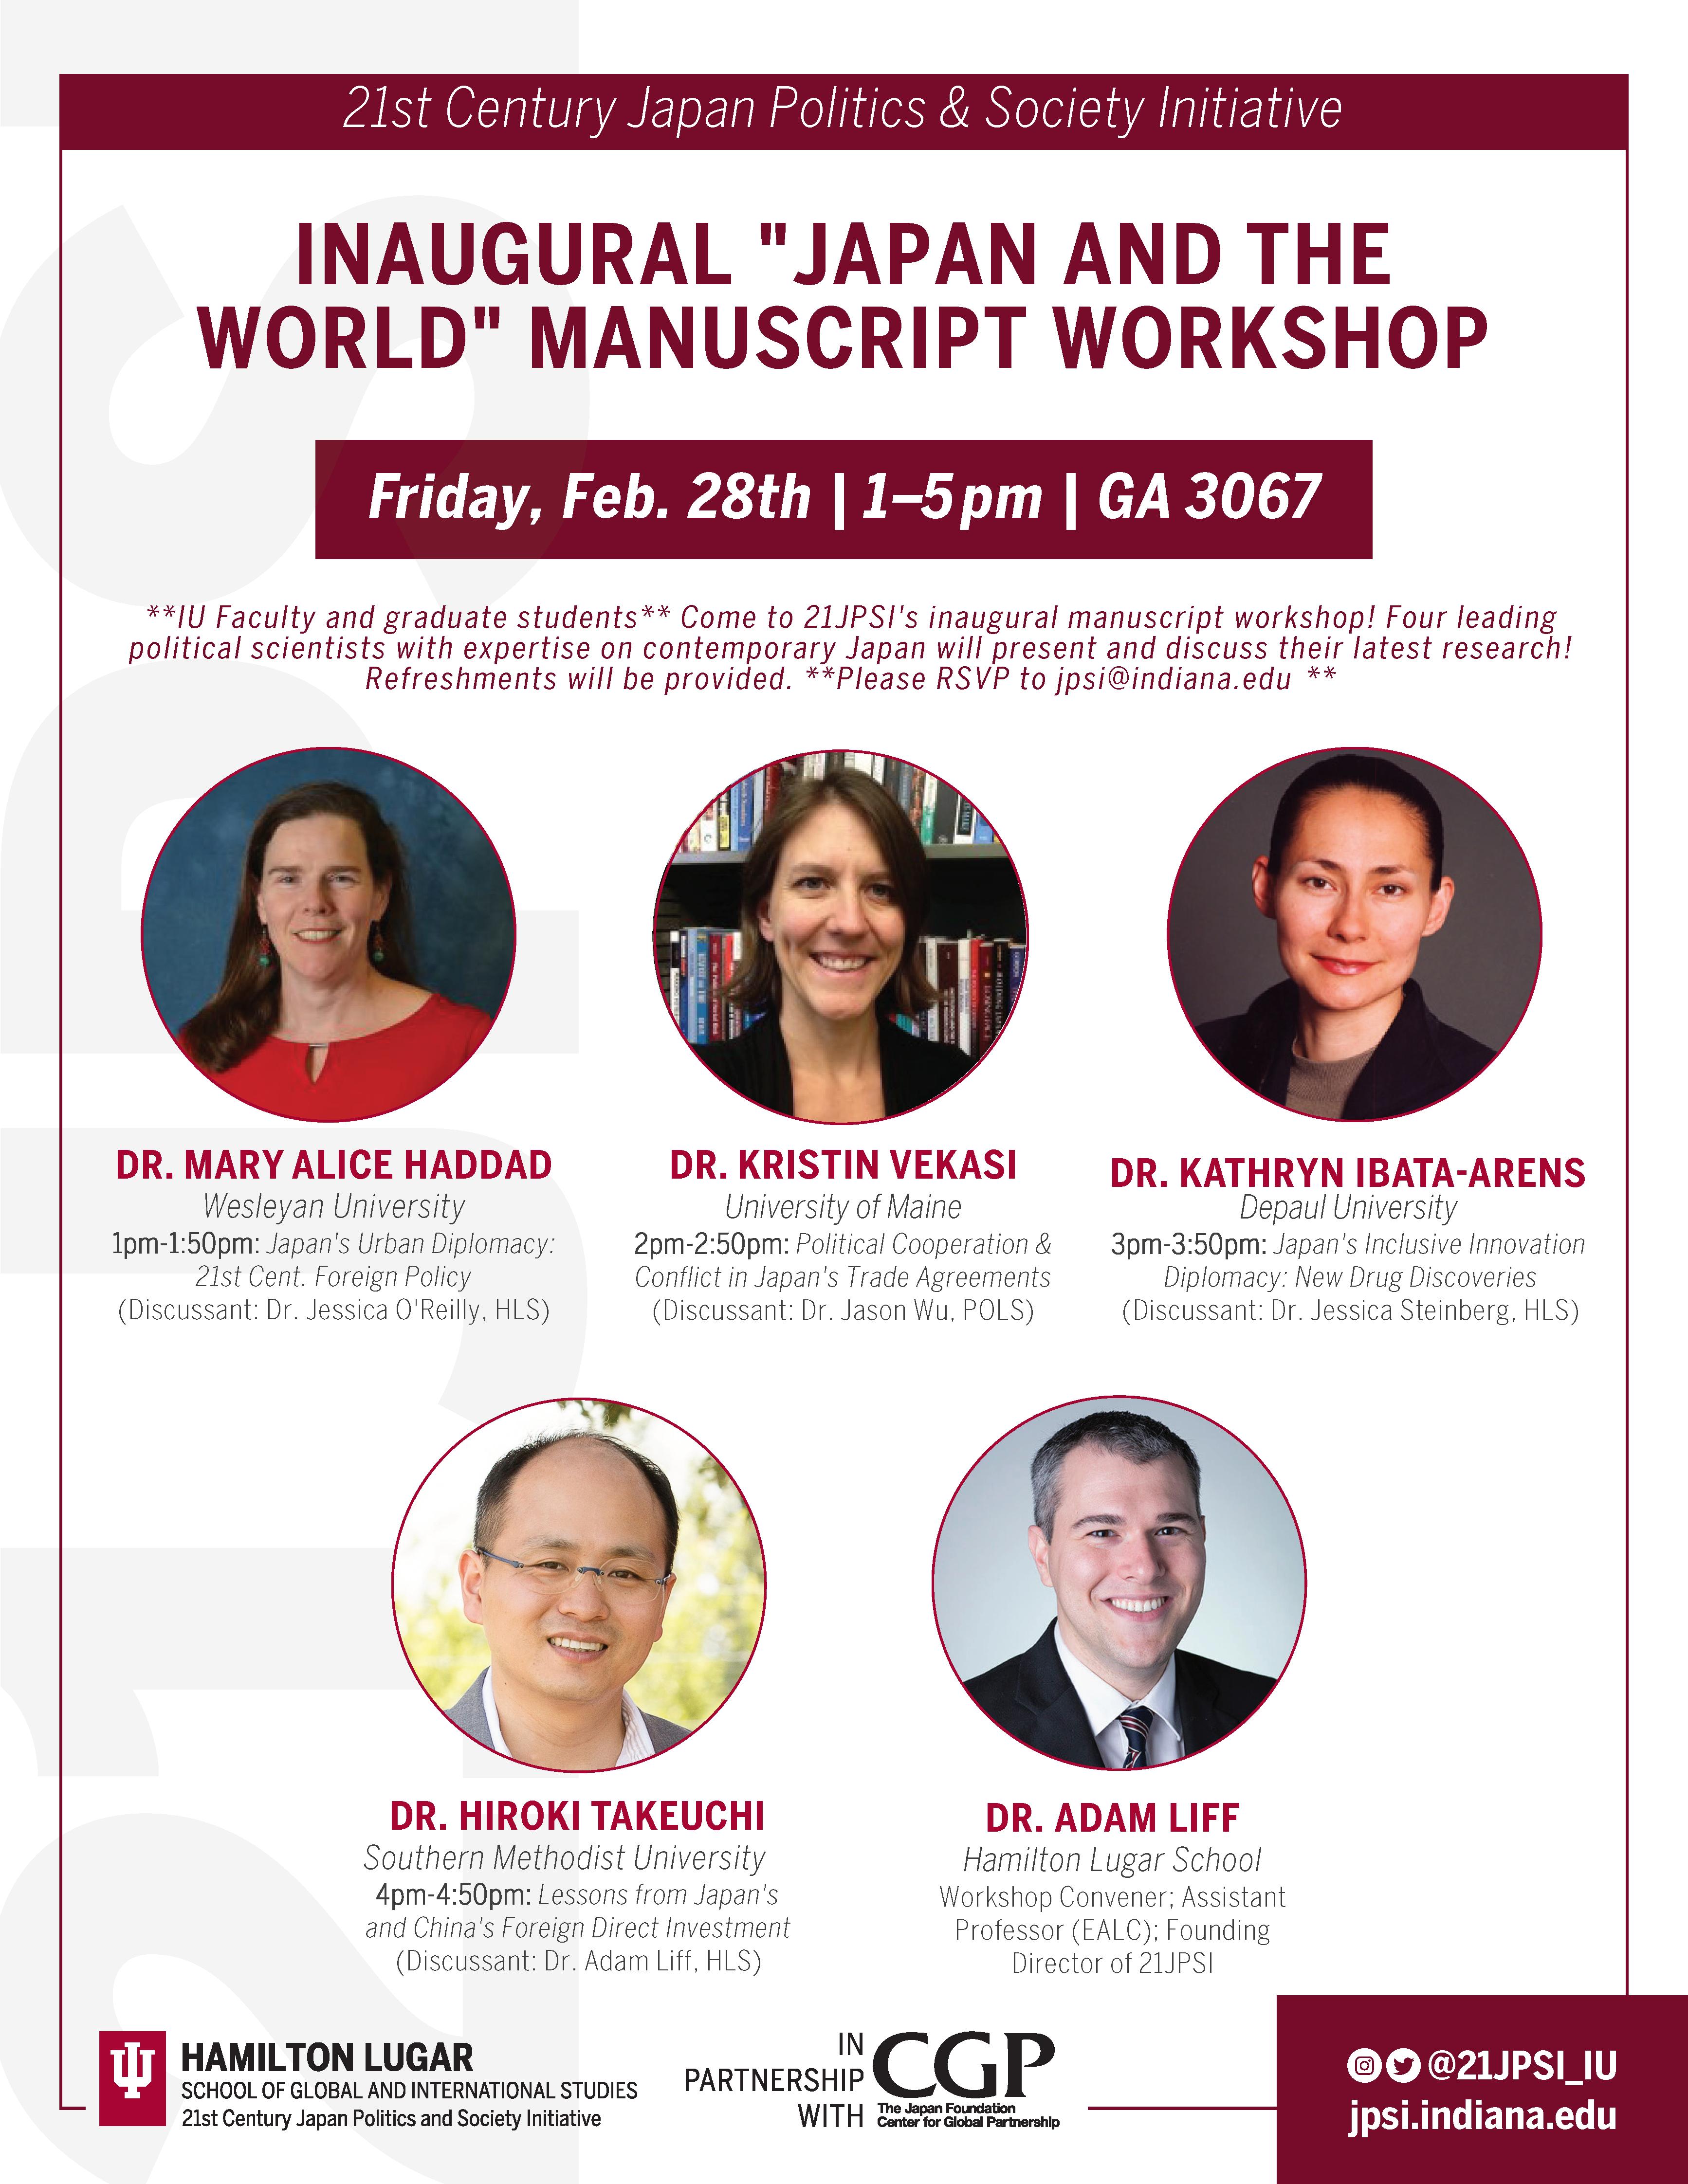 21JPSI Japan & the World Manuscript Workshop Flyer